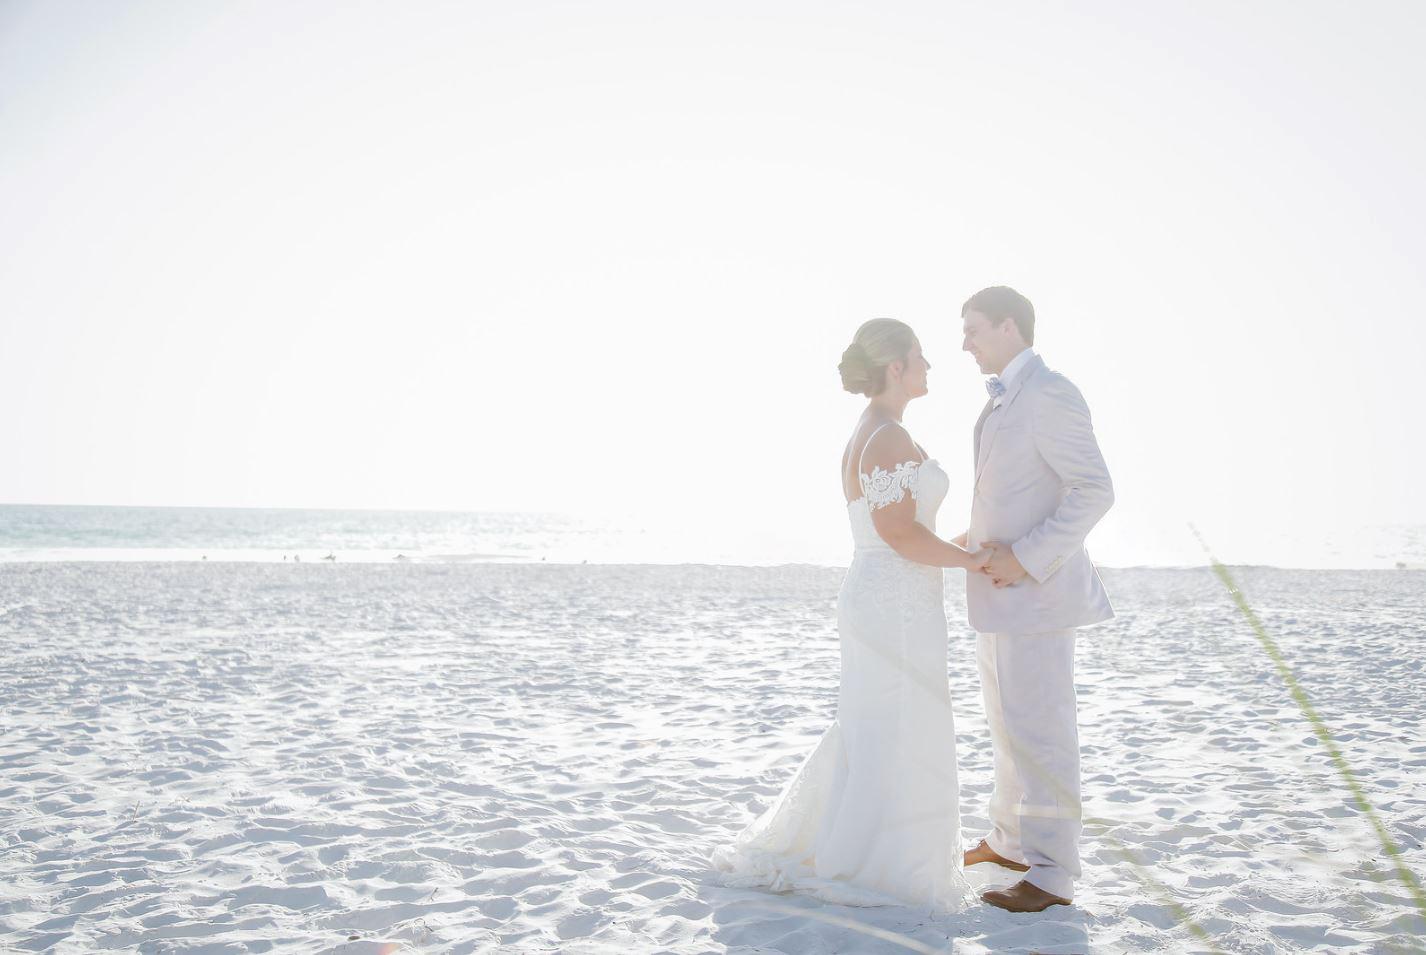 Jaime_wedding_photographer_009.JPG